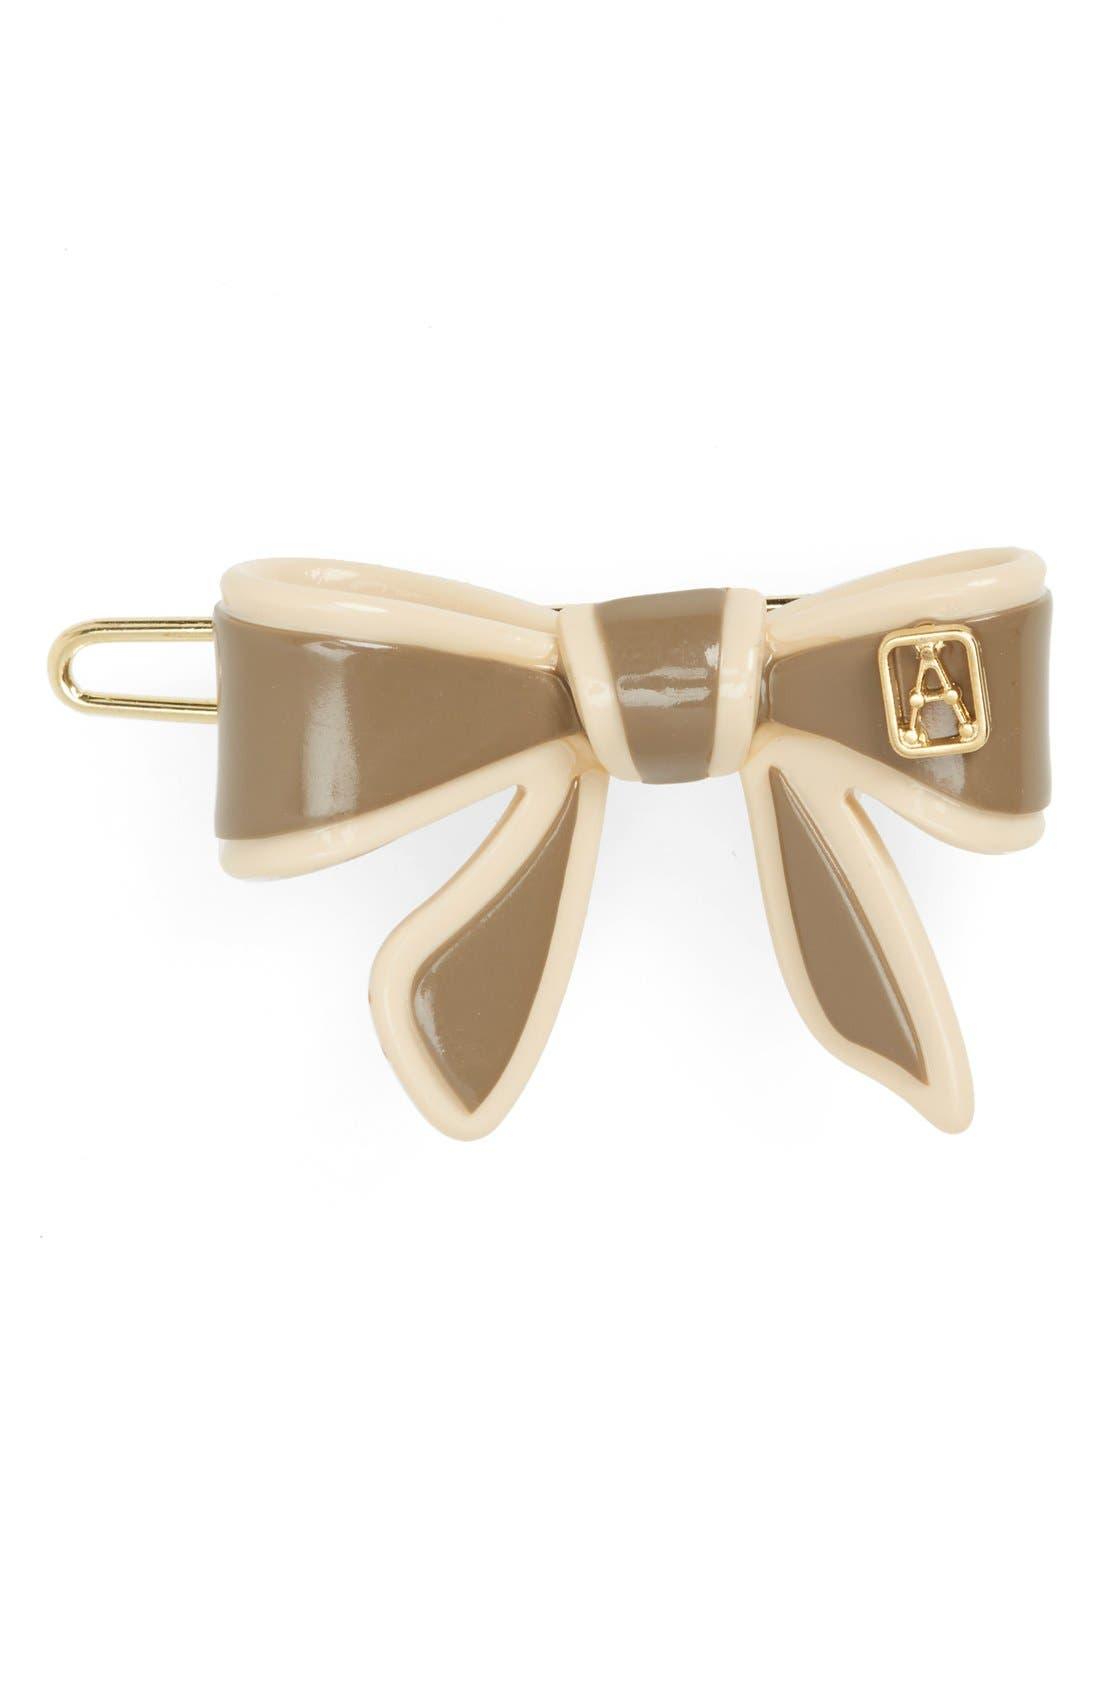 Alexandre de Paris 'Mini Tenderly' Bow Barrette